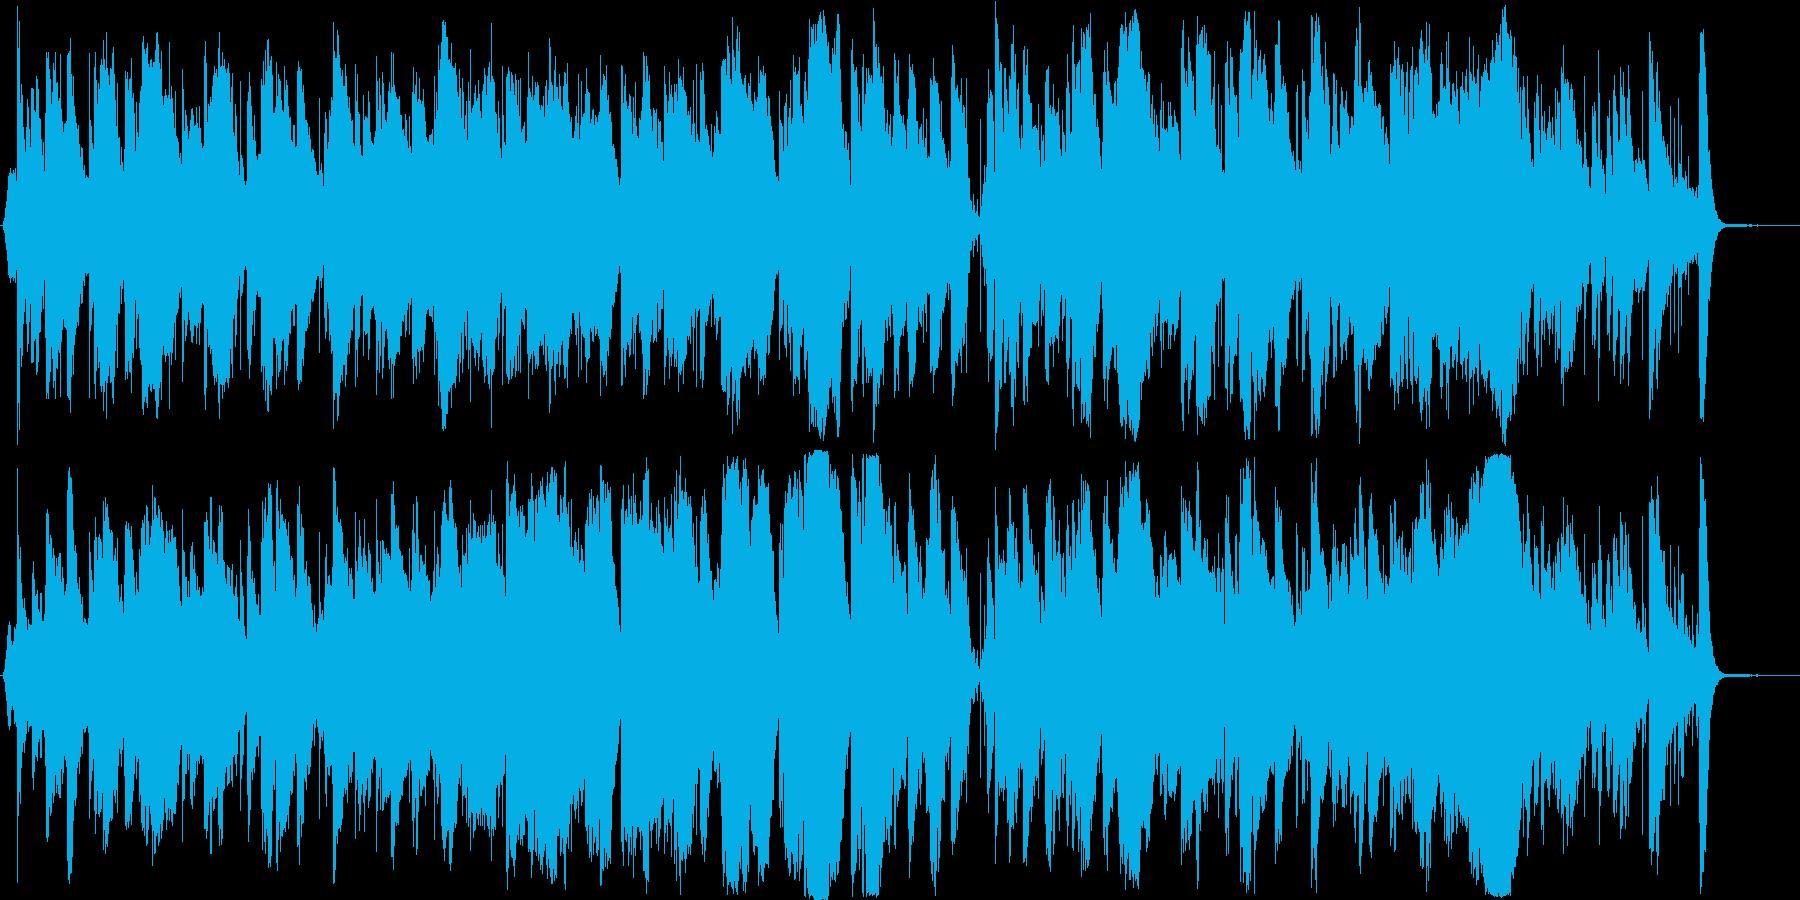 切なく悲しげでお洒落なジャズ風BGMの再生済みの波形